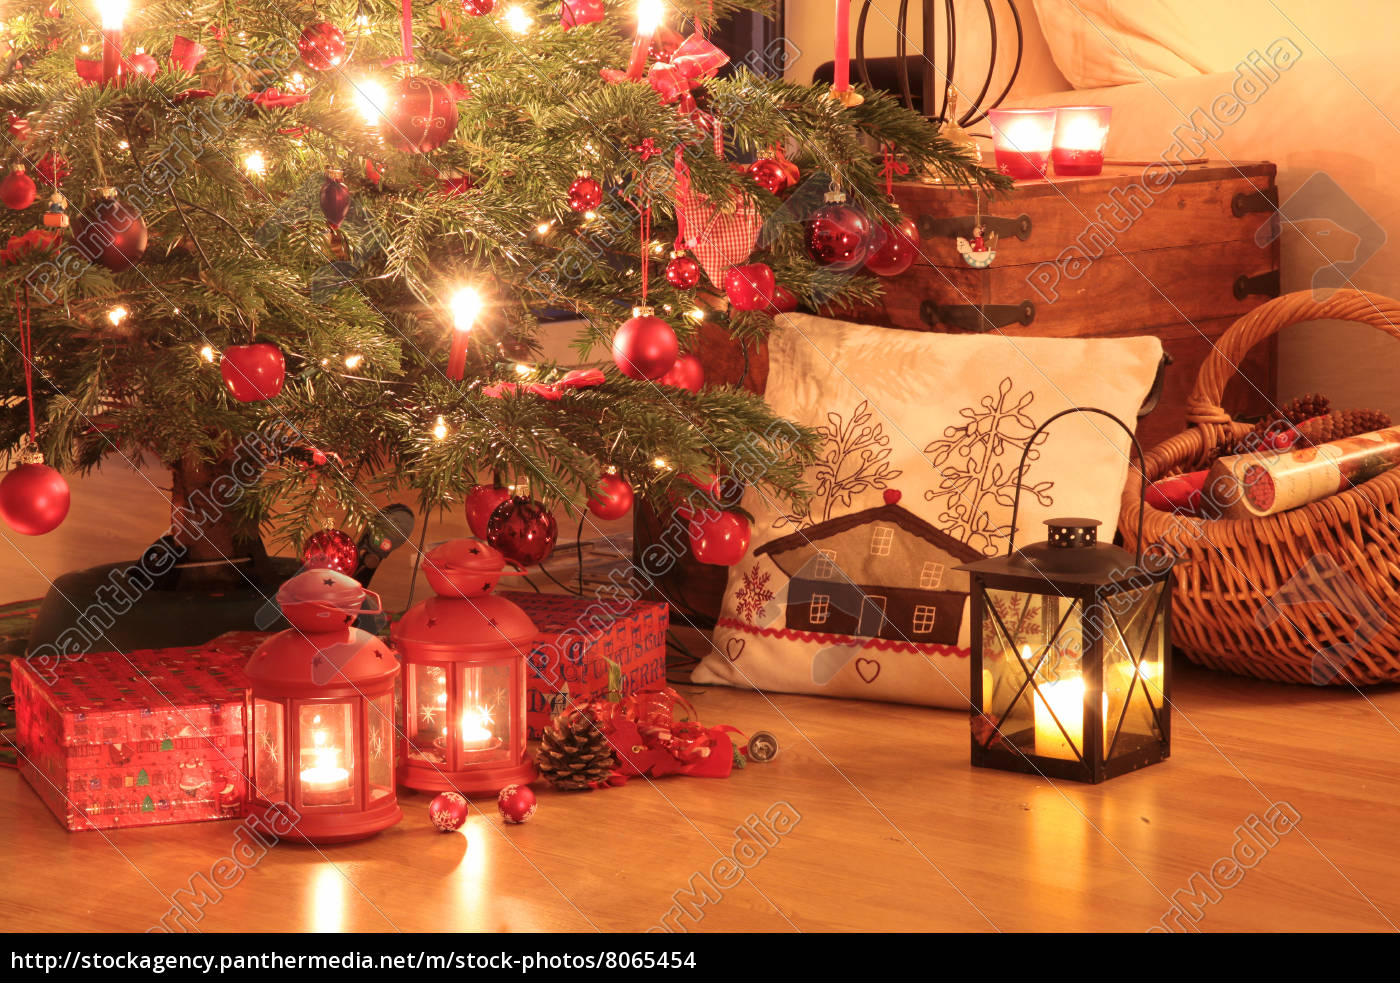 WeihnachtsGeschenke unter dem Baum - Stock Photo - #8065454 ...